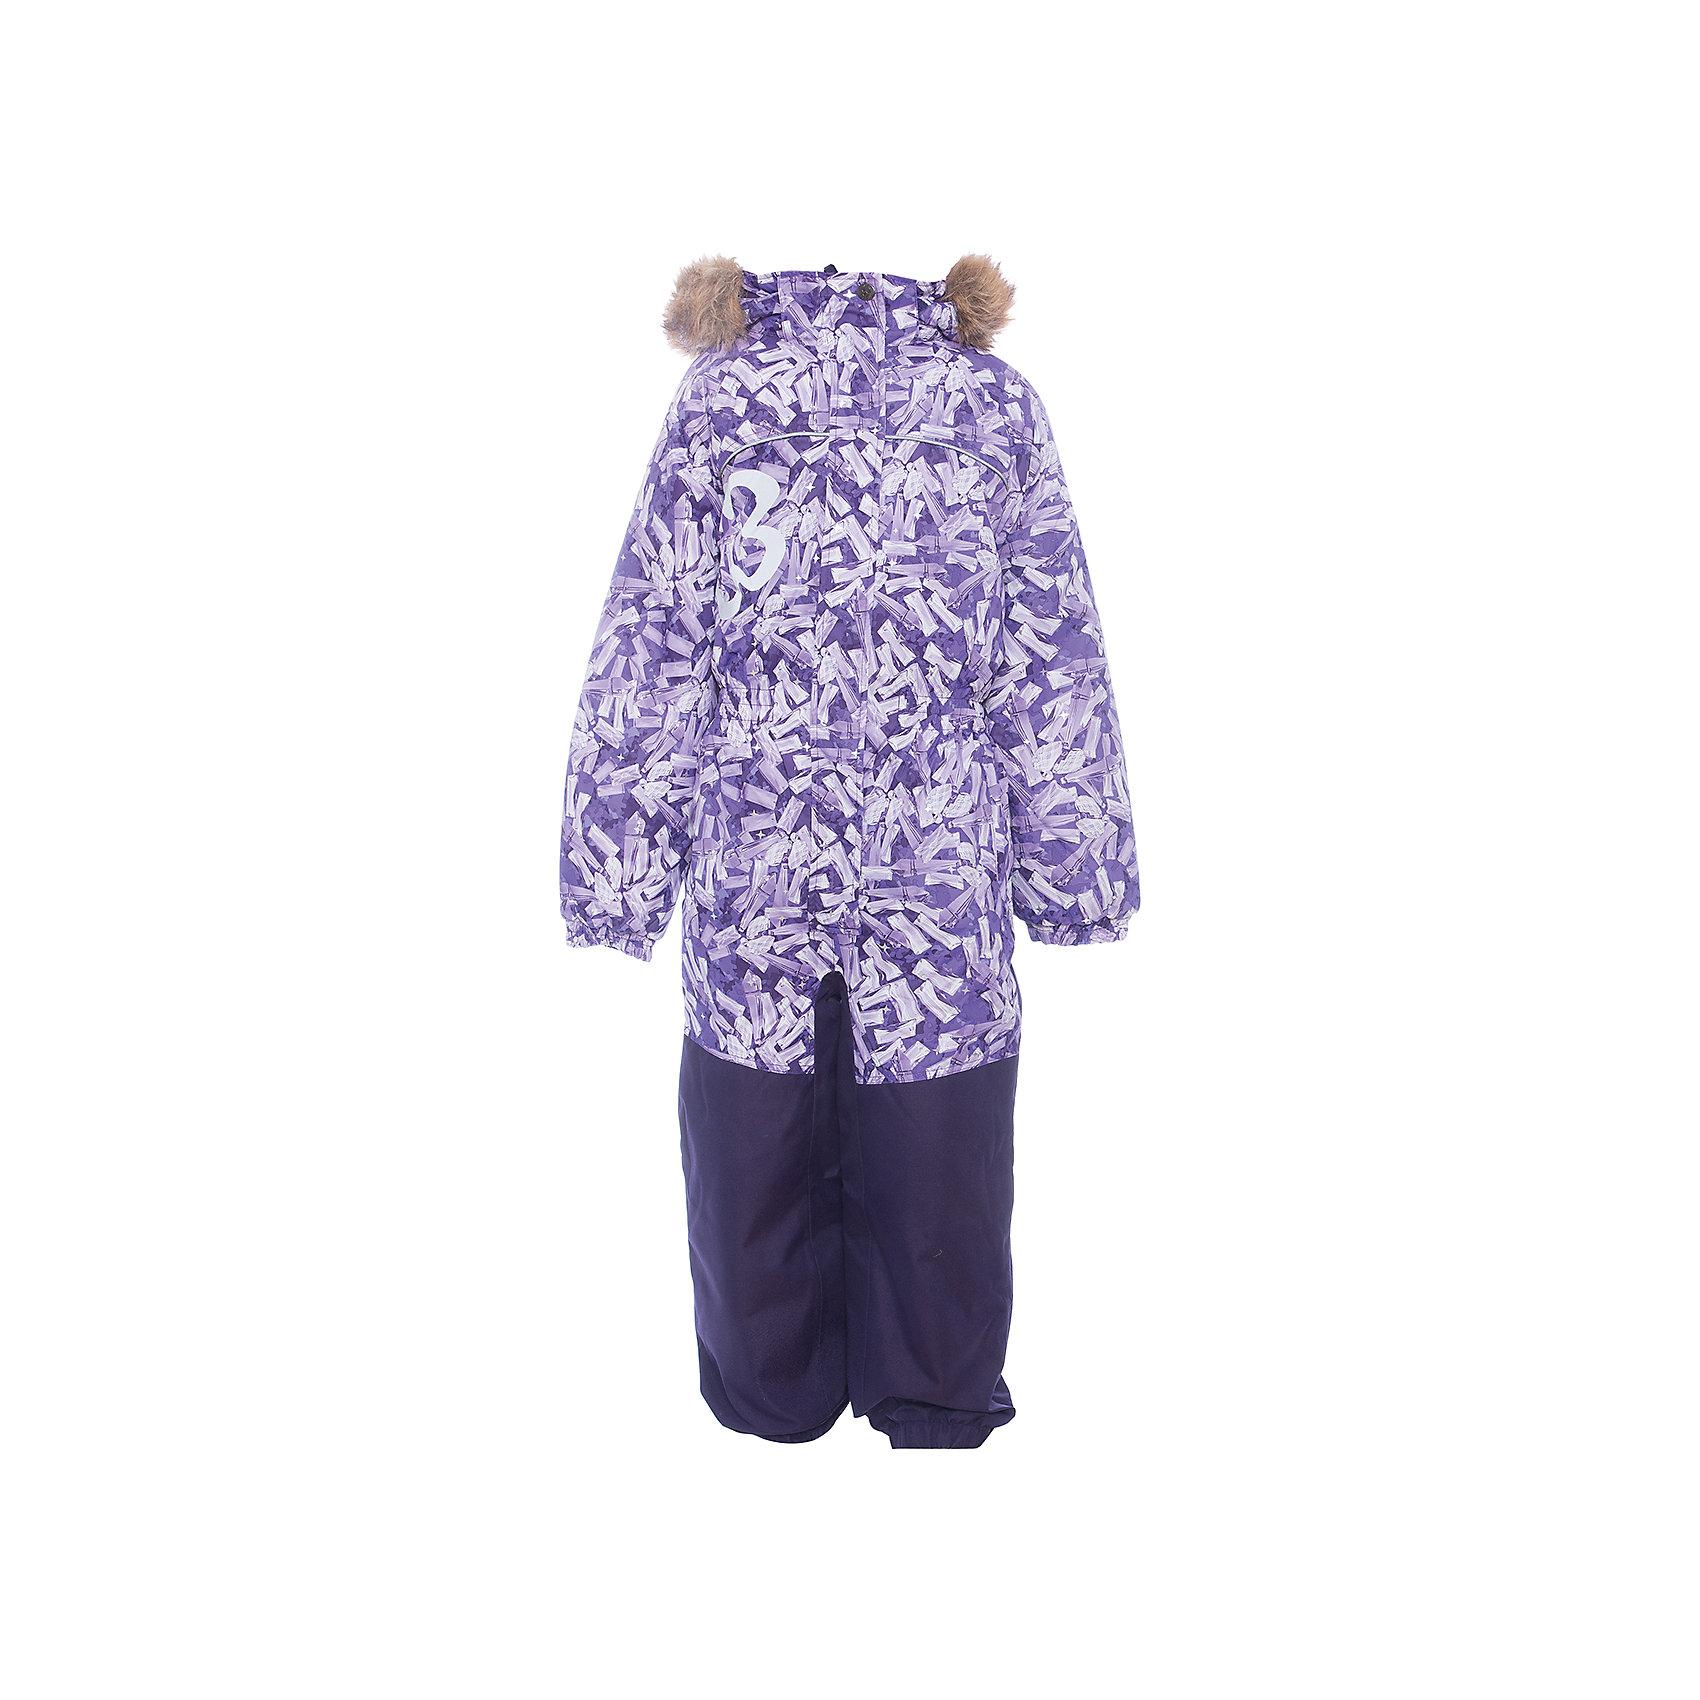 Комбинезон CHLOE 1 Huppa для девочкиВерхняя одежда<br>Характеристики товара:<br><br>• модель: Chloe 1;<br>• цвет: сиреневый,принт ;<br>• пол: девочка ;<br>• состав: 100% полиэстер;<br>• утеплитель: полиэстер, 300 гр.;<br>• подкладка: тафта/флис;<br>• сезон: зима;<br>• температурный режим: от -5 до - 30С;<br>• водонепроницаемость: 5000 мм вверх/10000 мм низ ;<br>• воздухопроницаемость: 5000 вверх/ 10000 низ г/м2/24ч;<br>• водо- и ветронепроницаемый, дышащий и грязеотталкивающий материал;<br>• особенности модели: c рисунком, с мехом;<br>• капюшон для большего удобства крепится на кнопки и, при необходимости, отстегивается;<br>• искусственный мех на капюшоне съемный ;<br>• сиденье и нижний край брючины выполнены из очень прочной ткани Cordura;<br>• cидельный шов, внутренние и боковые швы проклеены и не пропускают влагу;<br>• светоотражающих элементов для безопасности ребенка;<br>• внутренний и боковые карманы застегиваются на молнию;<br>• манжеты брюк и рукавов эластичные, на резинках;<br>• съемные силиконовые штрипки;<br>• страна бренда: Финляндия;<br>• страна изготовитель: Эстония.<br><br>Комбинезон Chloe 1 для девочки Водо и воздухонепроницаемый. Важный критерий при выборе комбинезона для девочки - это количество утеплителя, ведь малыши еще малоподвижны, поэтому комбинезон должен быть теплым. В модели Chloe 1 300 грамм утеплителя, которые обеспечат тепло и комфорт ребенку при температуре от -5 до -30 градусов. Подкладка — тафта/флис. <br><br>Функциональные элемент: капюшон отстегивается с помощью кнопок, мех отстегивается, все карманы на молнии, манжеты на резинке, съемные силиконовые штрипки, светоотражающие элементы.<br><br>Комбинезон  Chloe 1  для девочки Huppa (Хуппа) можно купить в нашем интернет-магазине.<br><br>Ширина мм: 356<br>Глубина мм: 10<br>Высота мм: 245<br>Вес г: 519<br>Цвет: лиловый<br>Возраст от месяцев: 96<br>Возраст до месяцев: 108<br>Пол: Женский<br>Возраст: Детский<br>Размер: 134,92,98,104,110,116,122,128<br>SKU: 7024535